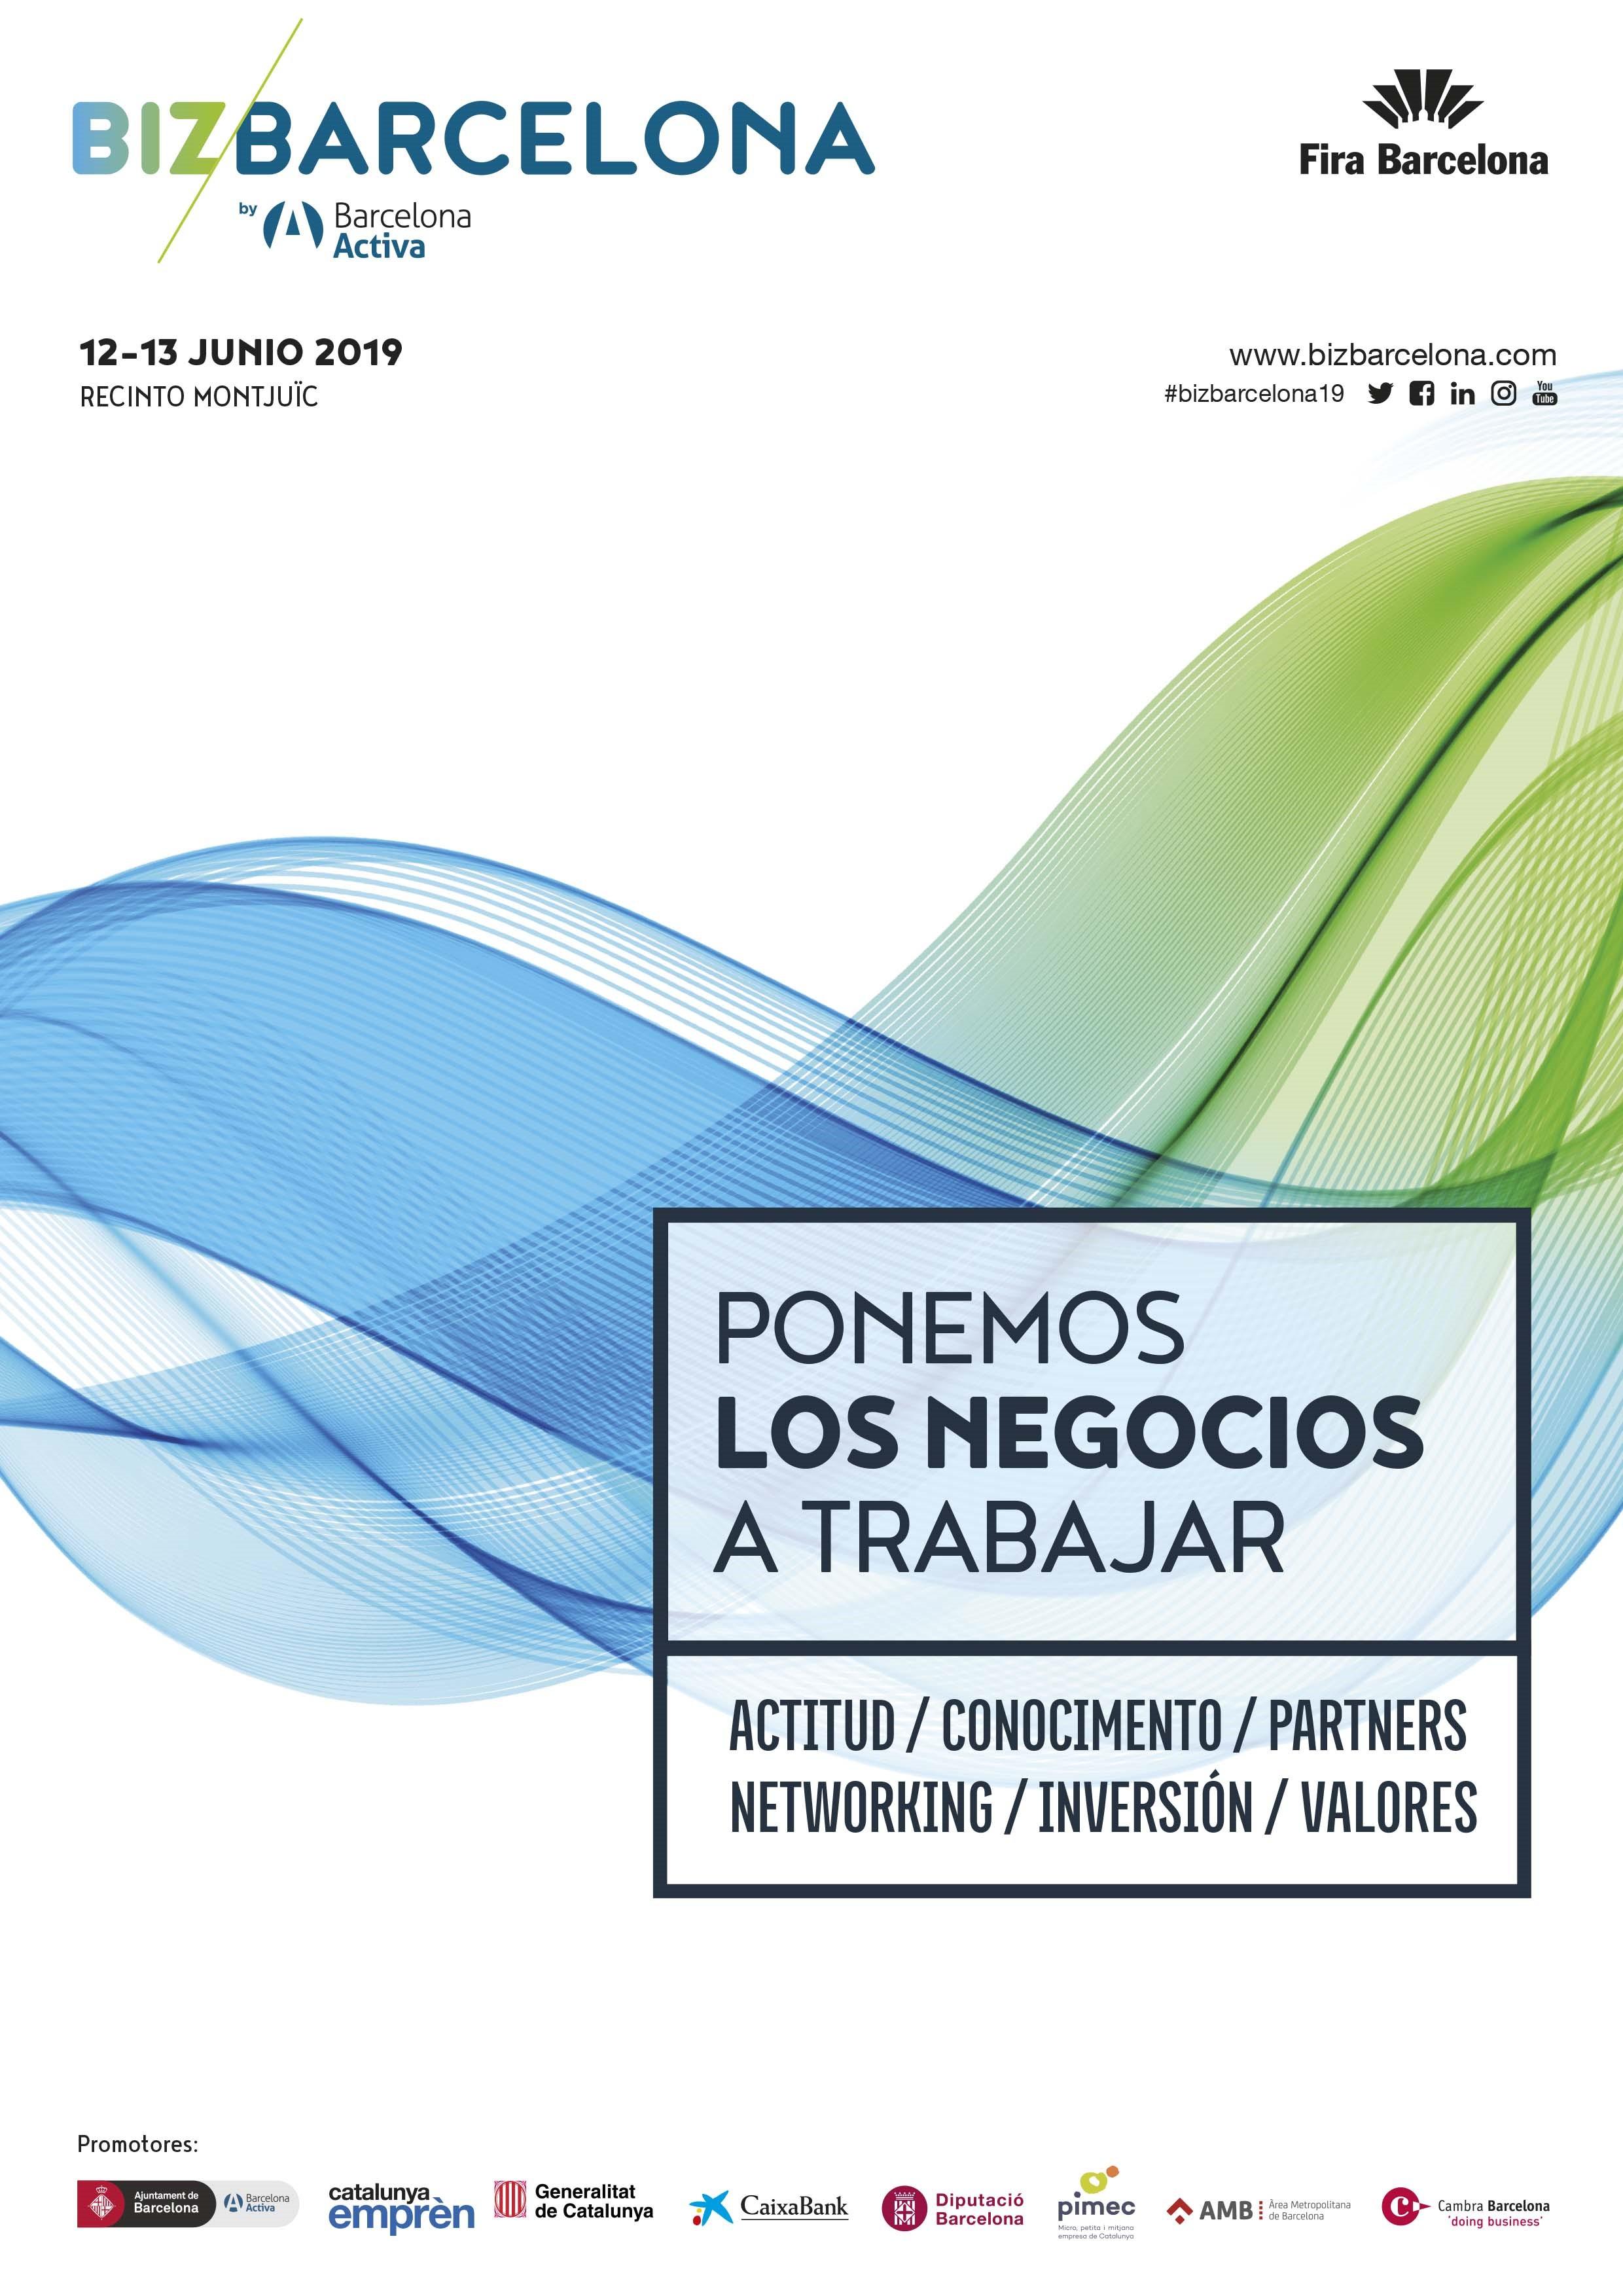 El próximo 12 y 13 de junio en el Recinto Montjuïc